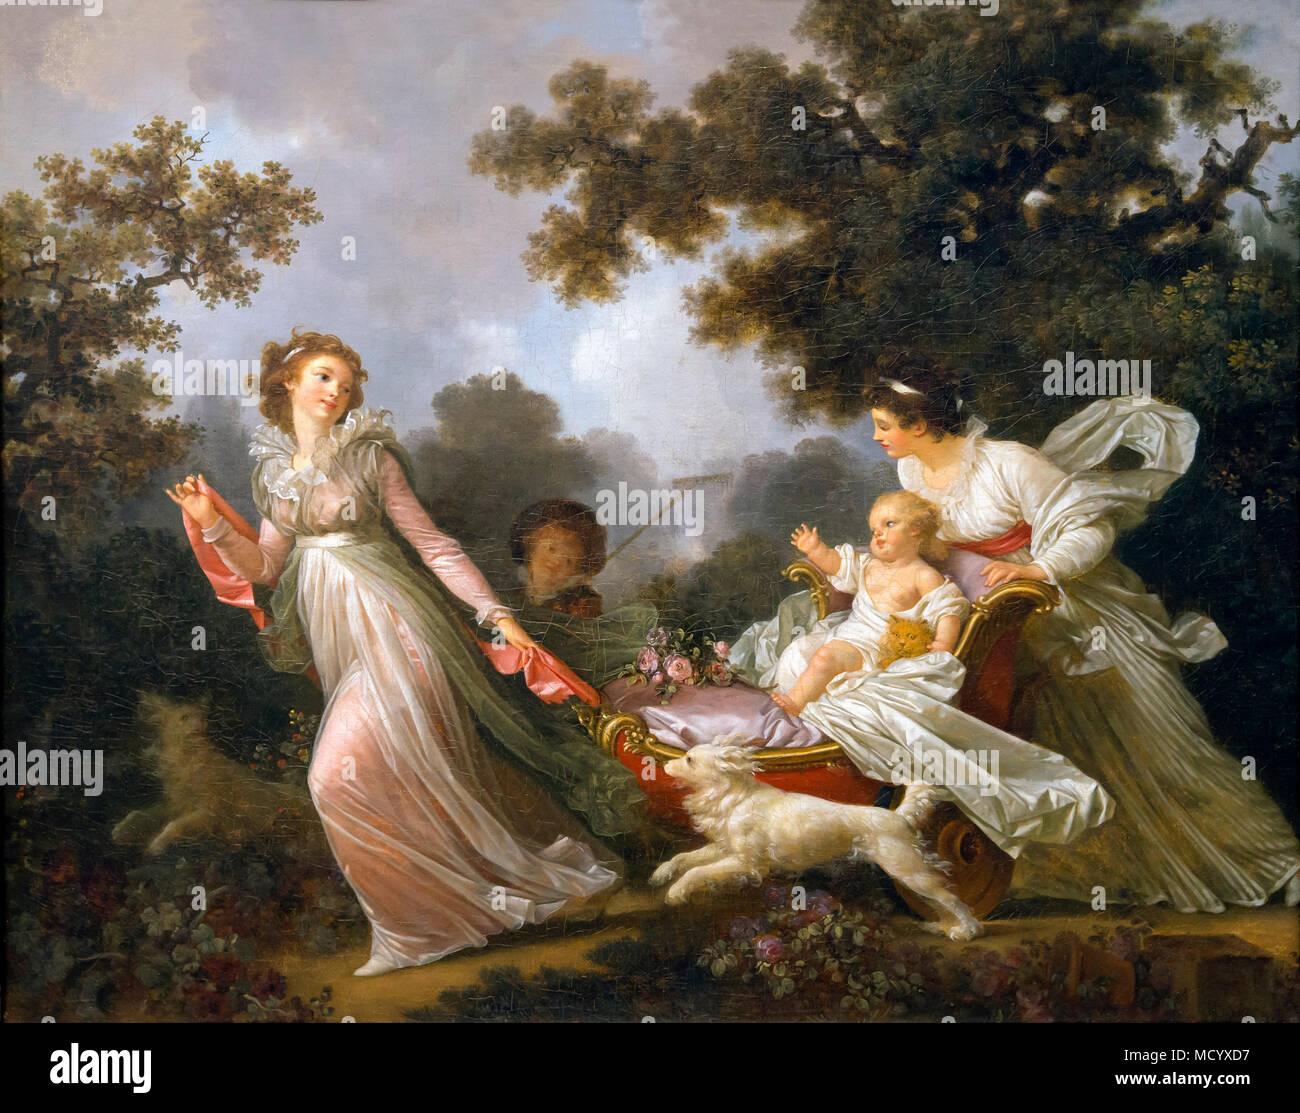 L'enfant bien-aimé, Jean Honoré Fragonard et Marguerite Gérard, vers 1780-1785, National Gallery of Art, Washington DC, USA, Amérique du Nord Photo Stock